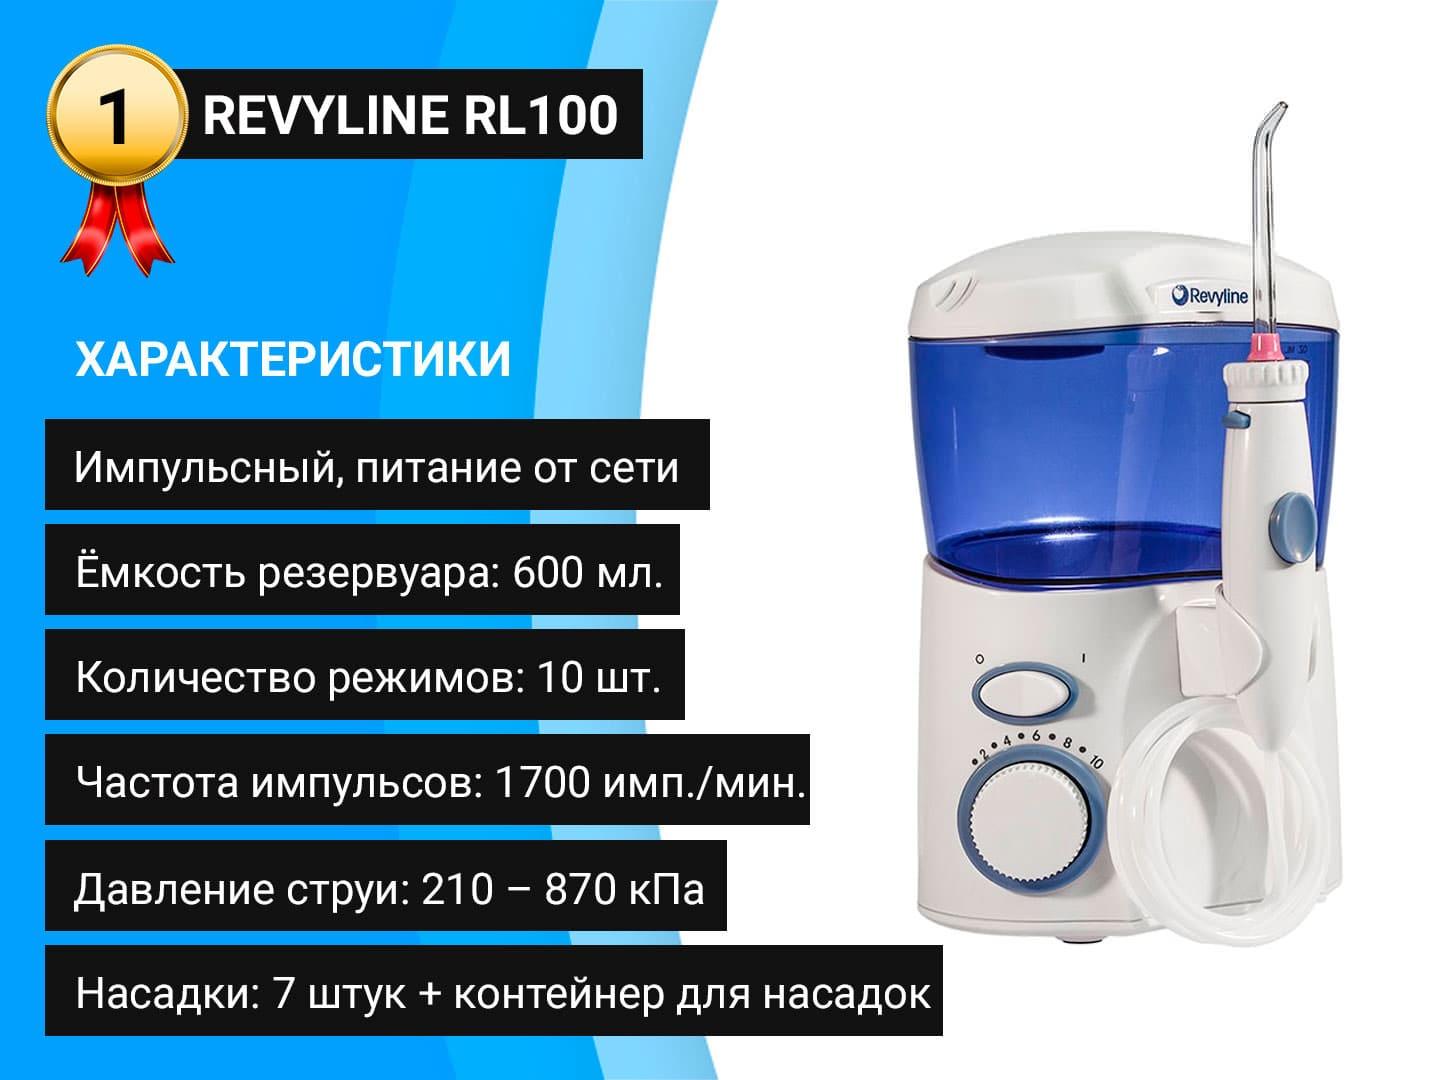 Revyline RL100